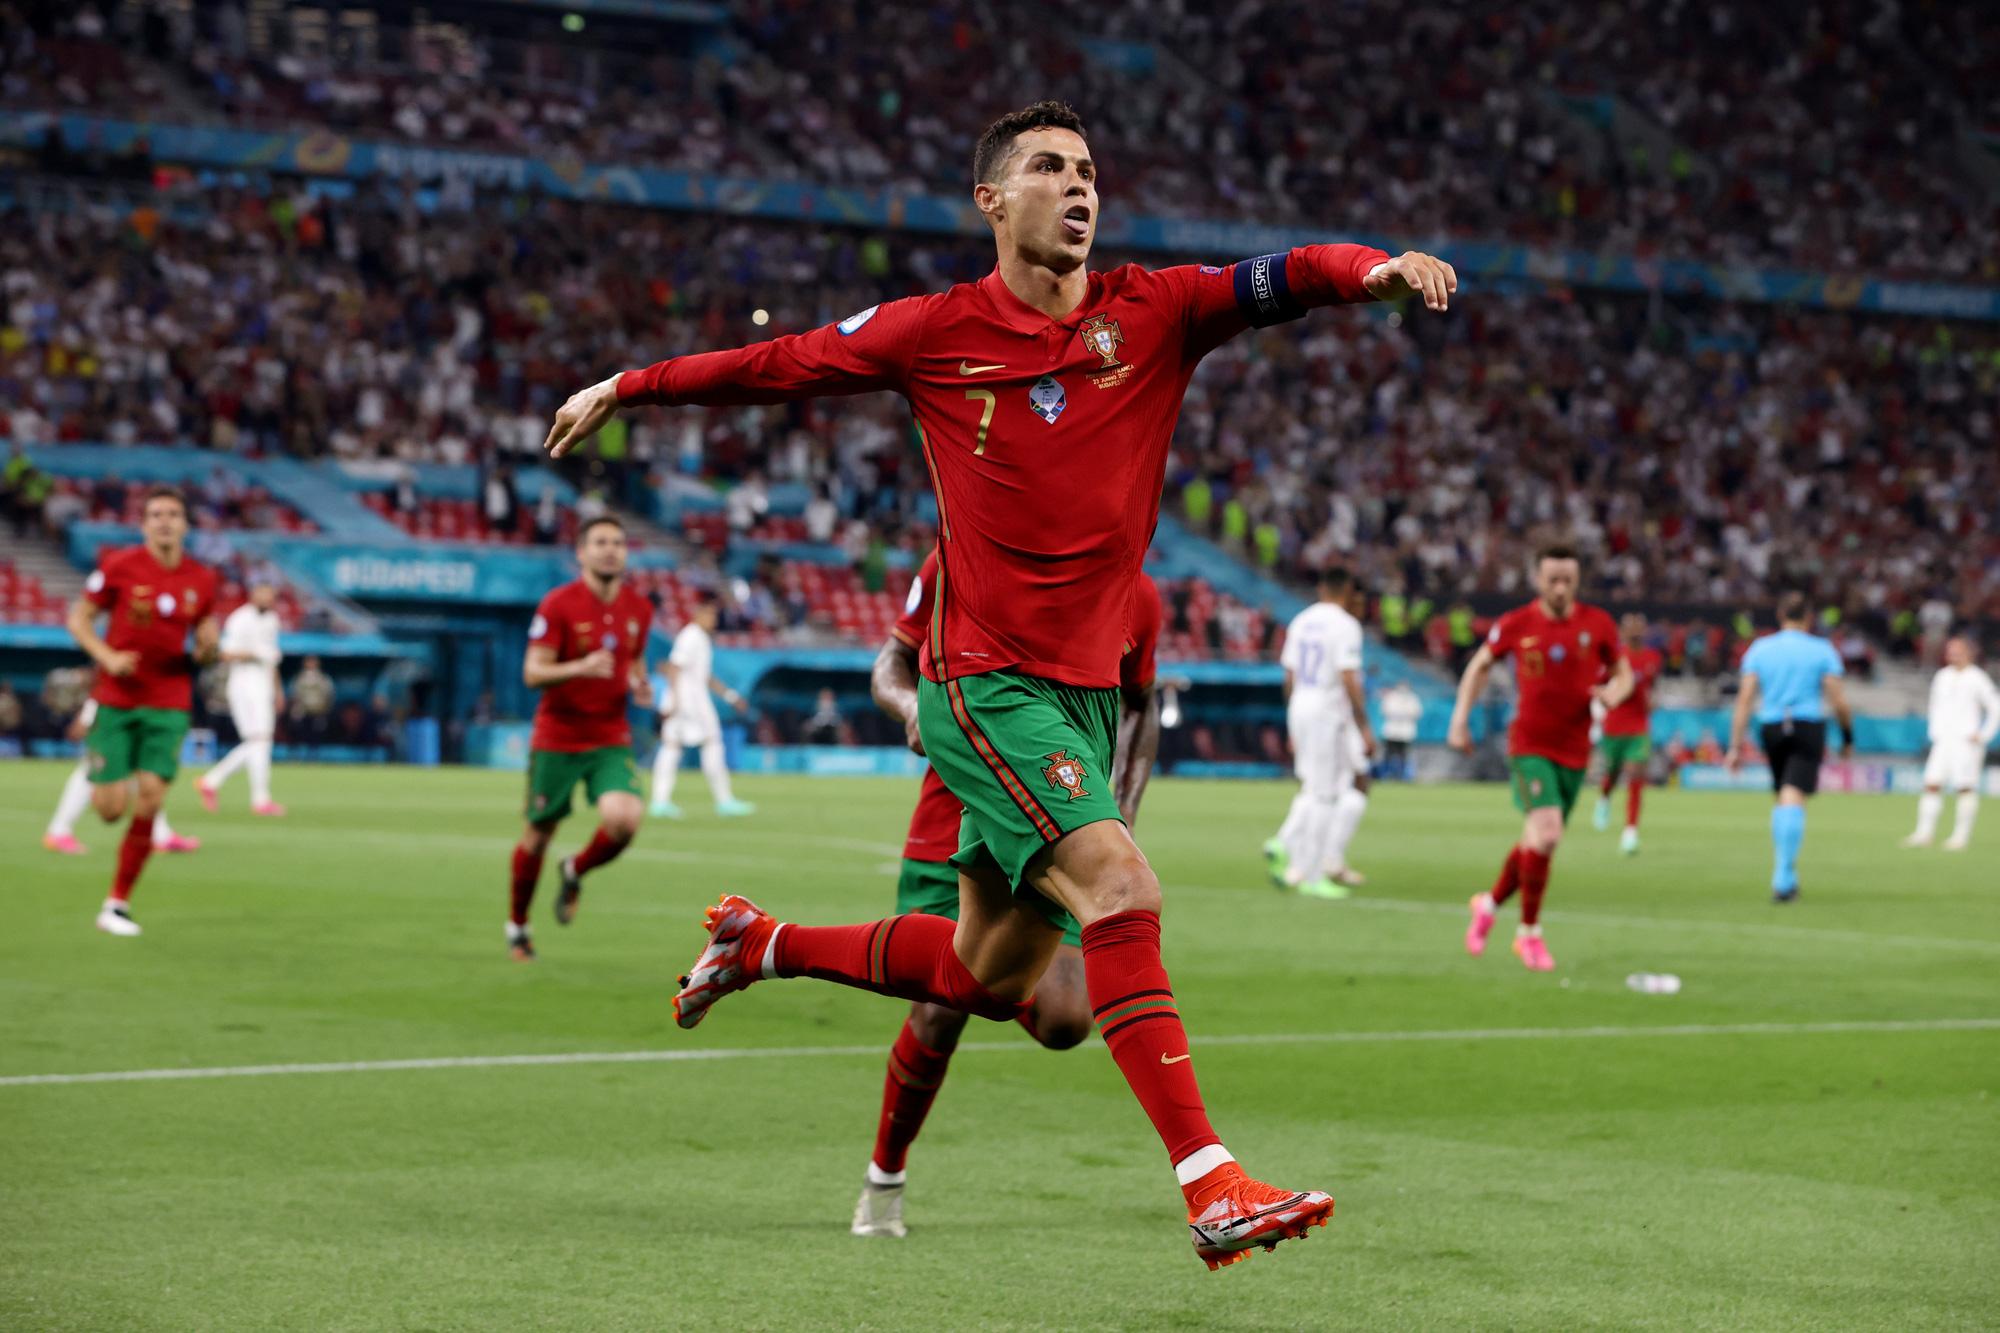 Sớm dừng chân tại Euro 2020 nhưng thành tích Ronaldo ghi được tại giải đấu là cực kỳ đáng nể